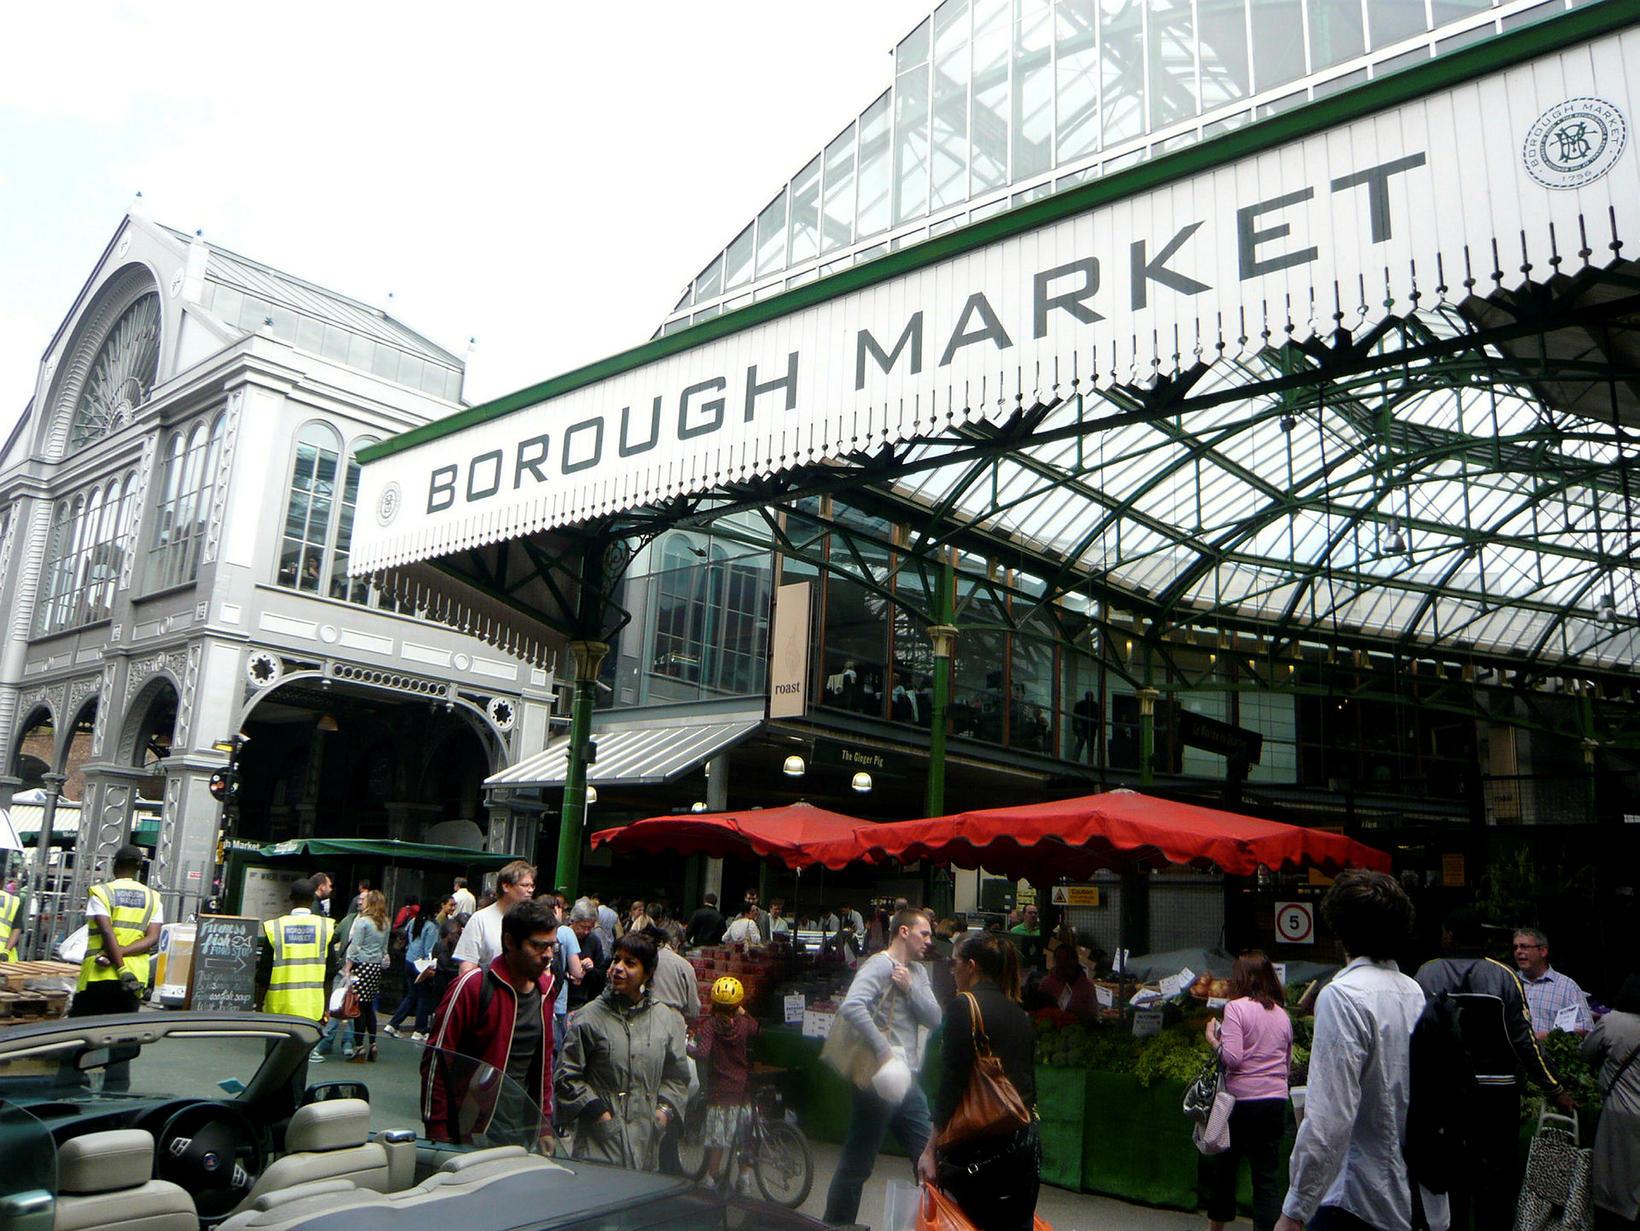 Borough Market er stærsti og elsti matarmarkaður Lúndúna.